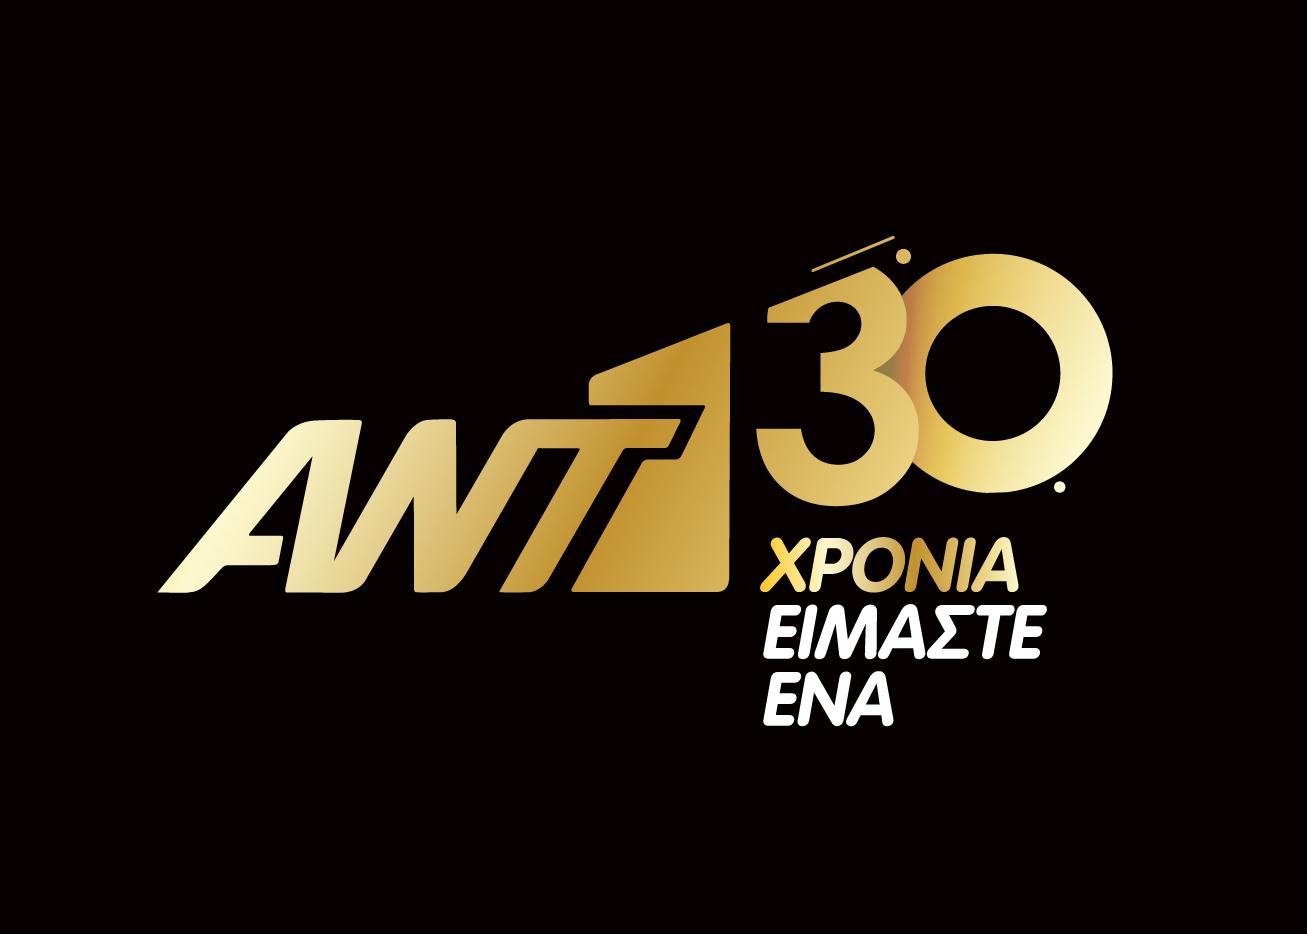 Η ανασκόπηση του ΑΝΤ1 με αριθμούς